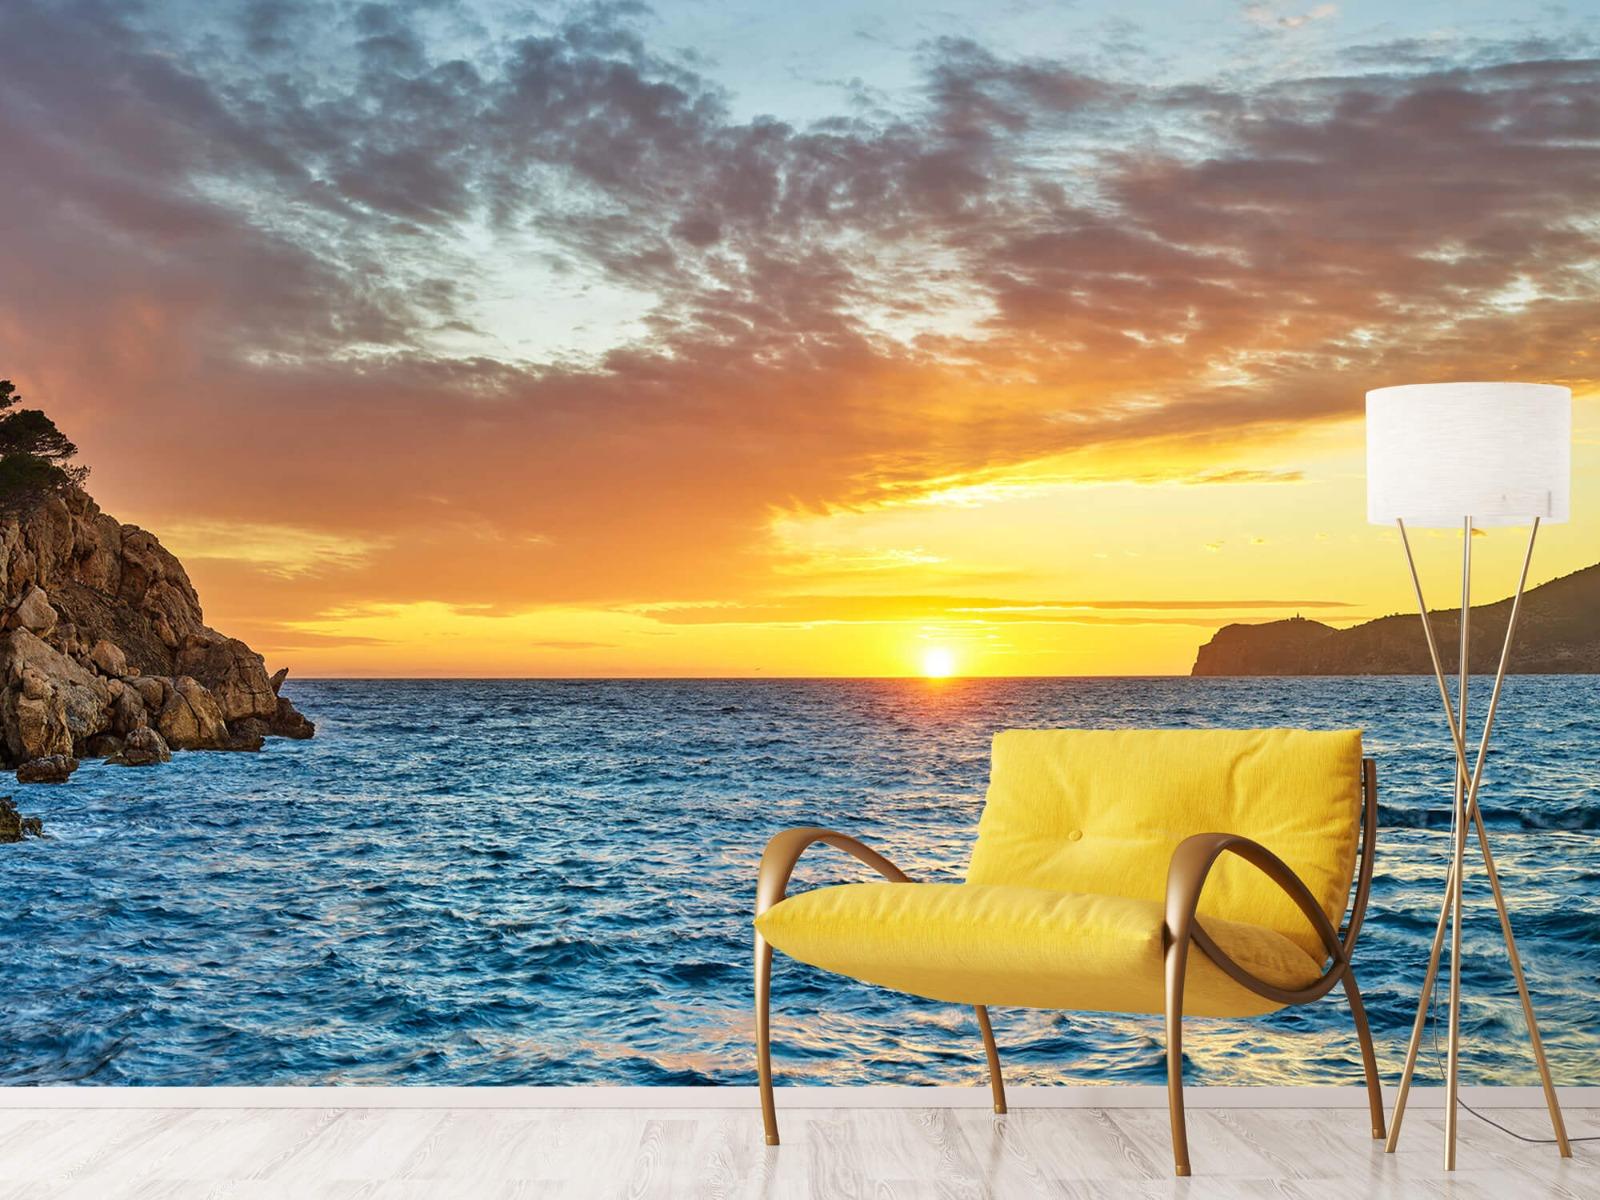 Zon - Zonsondergang op een eiland - Slaapkamer 10